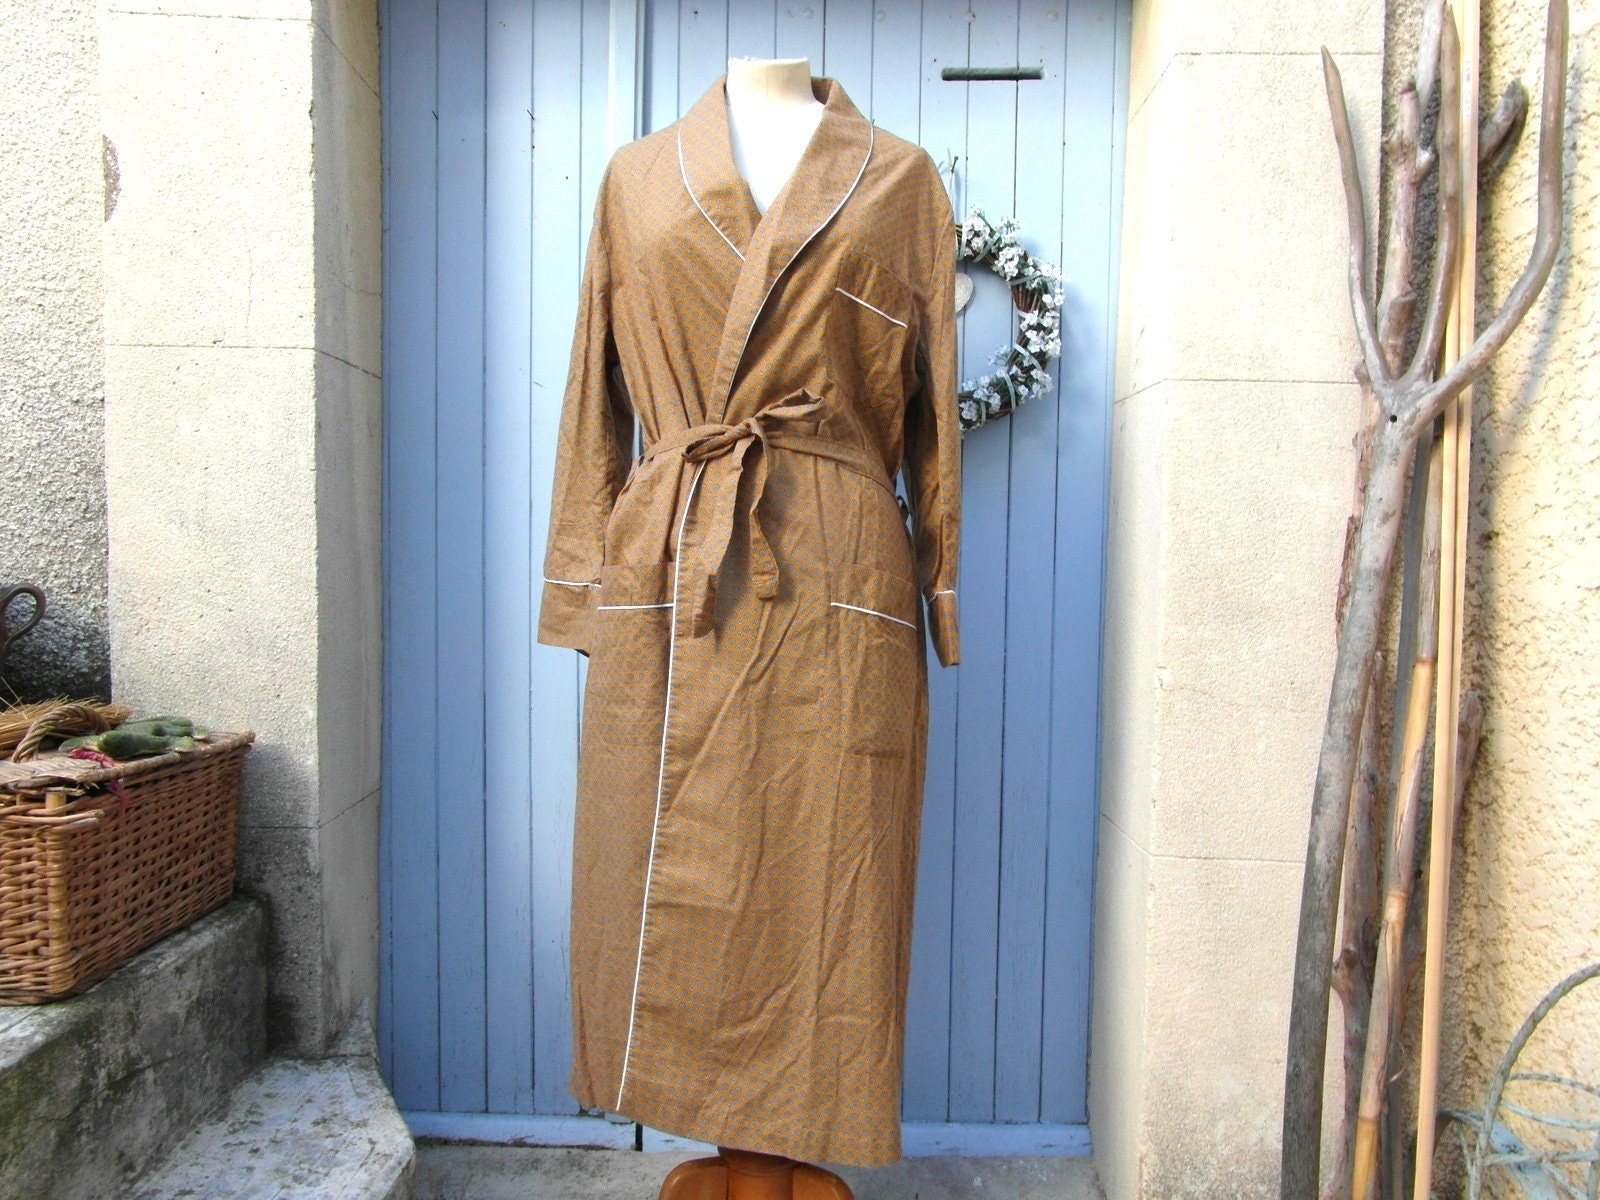 Robe de chambre L, taille L, chambre moutarde, bleu, noir et blanc. Vintage. 4a5be0